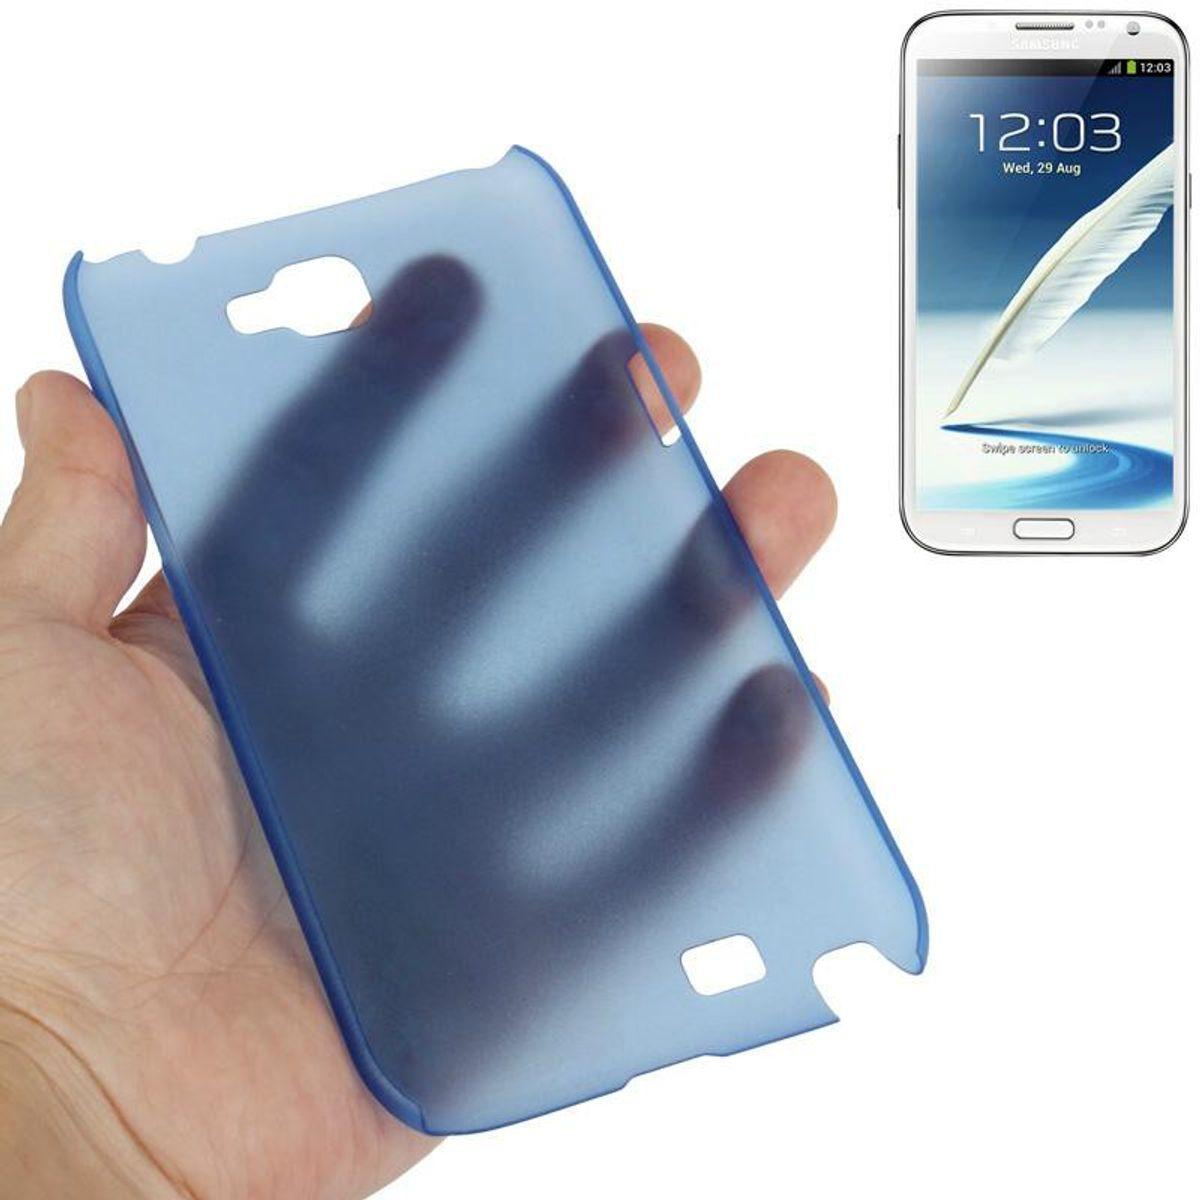 Schutzhülle Hardcase für Handy Samsung Galaxy Note II / N7100 + Folie